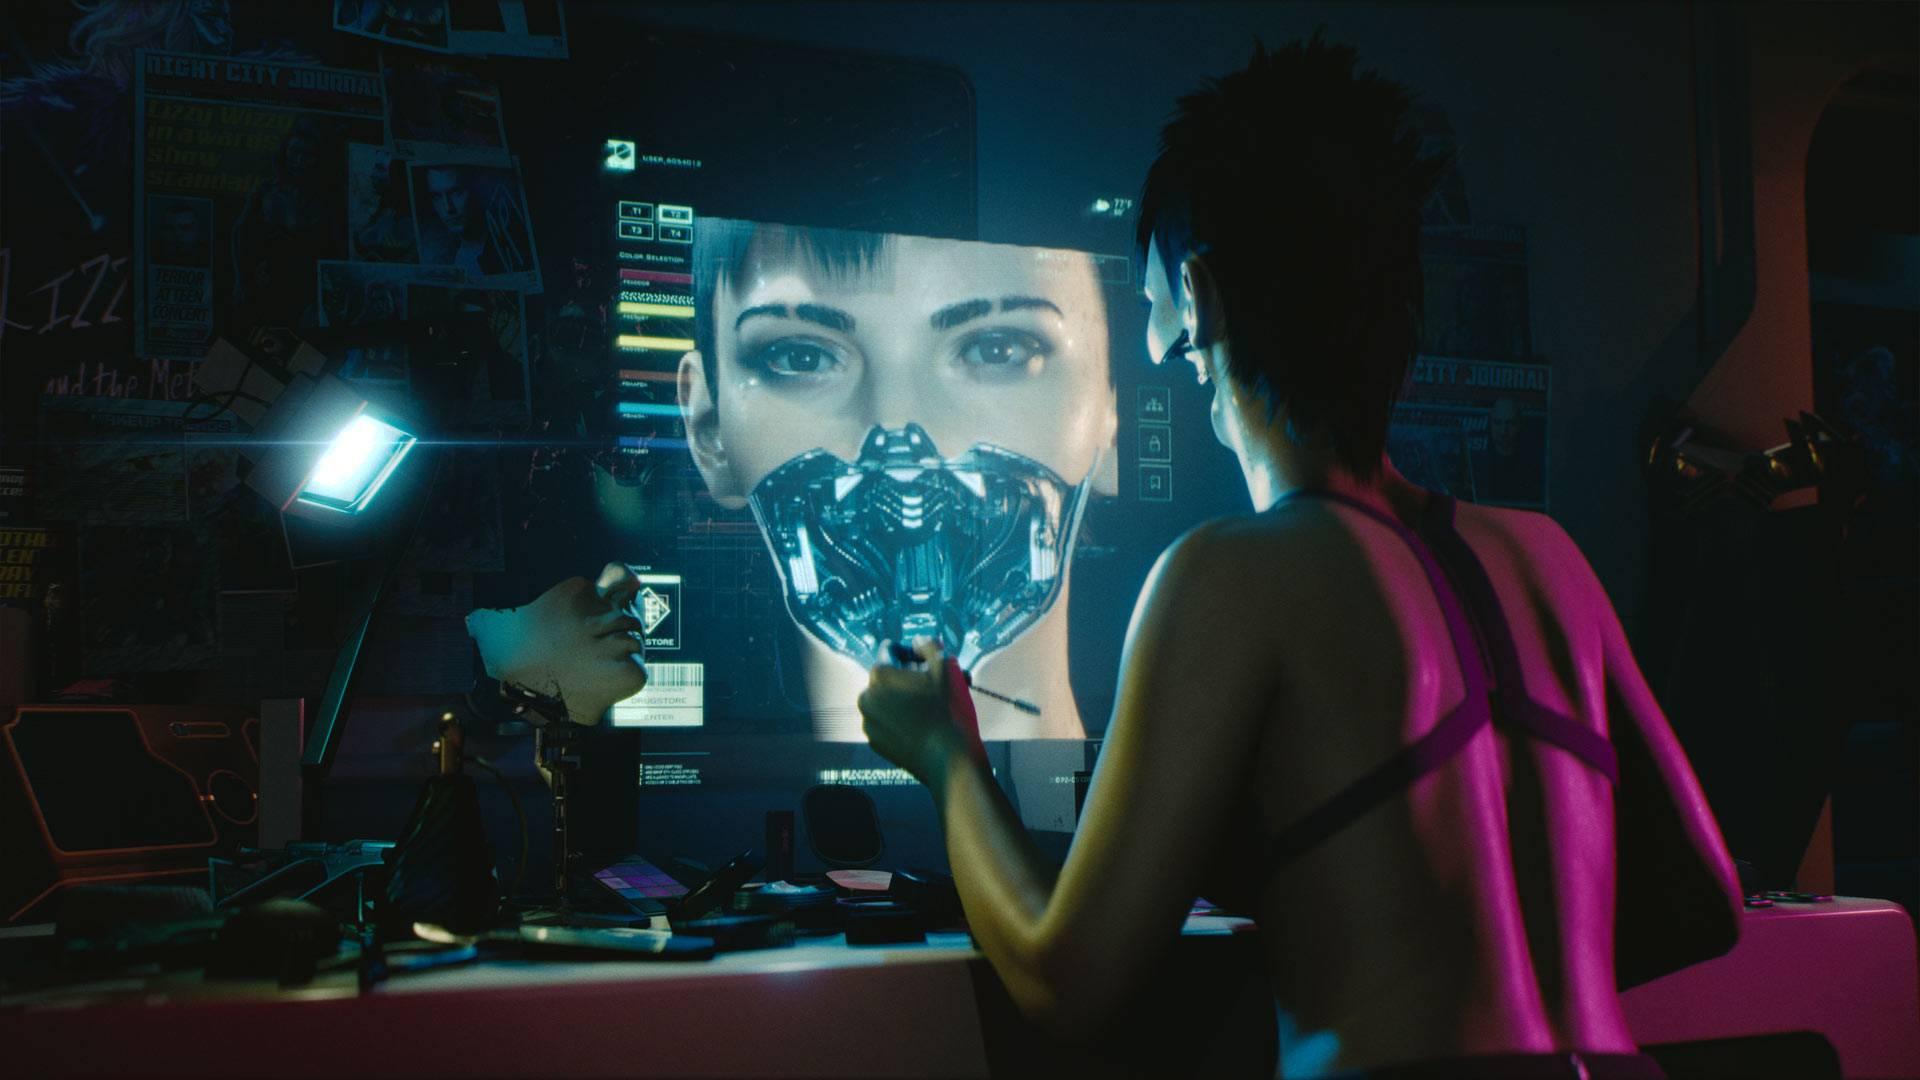 Još iznenađenja: Cyberpunk 2077 će dobiti i multiplayer